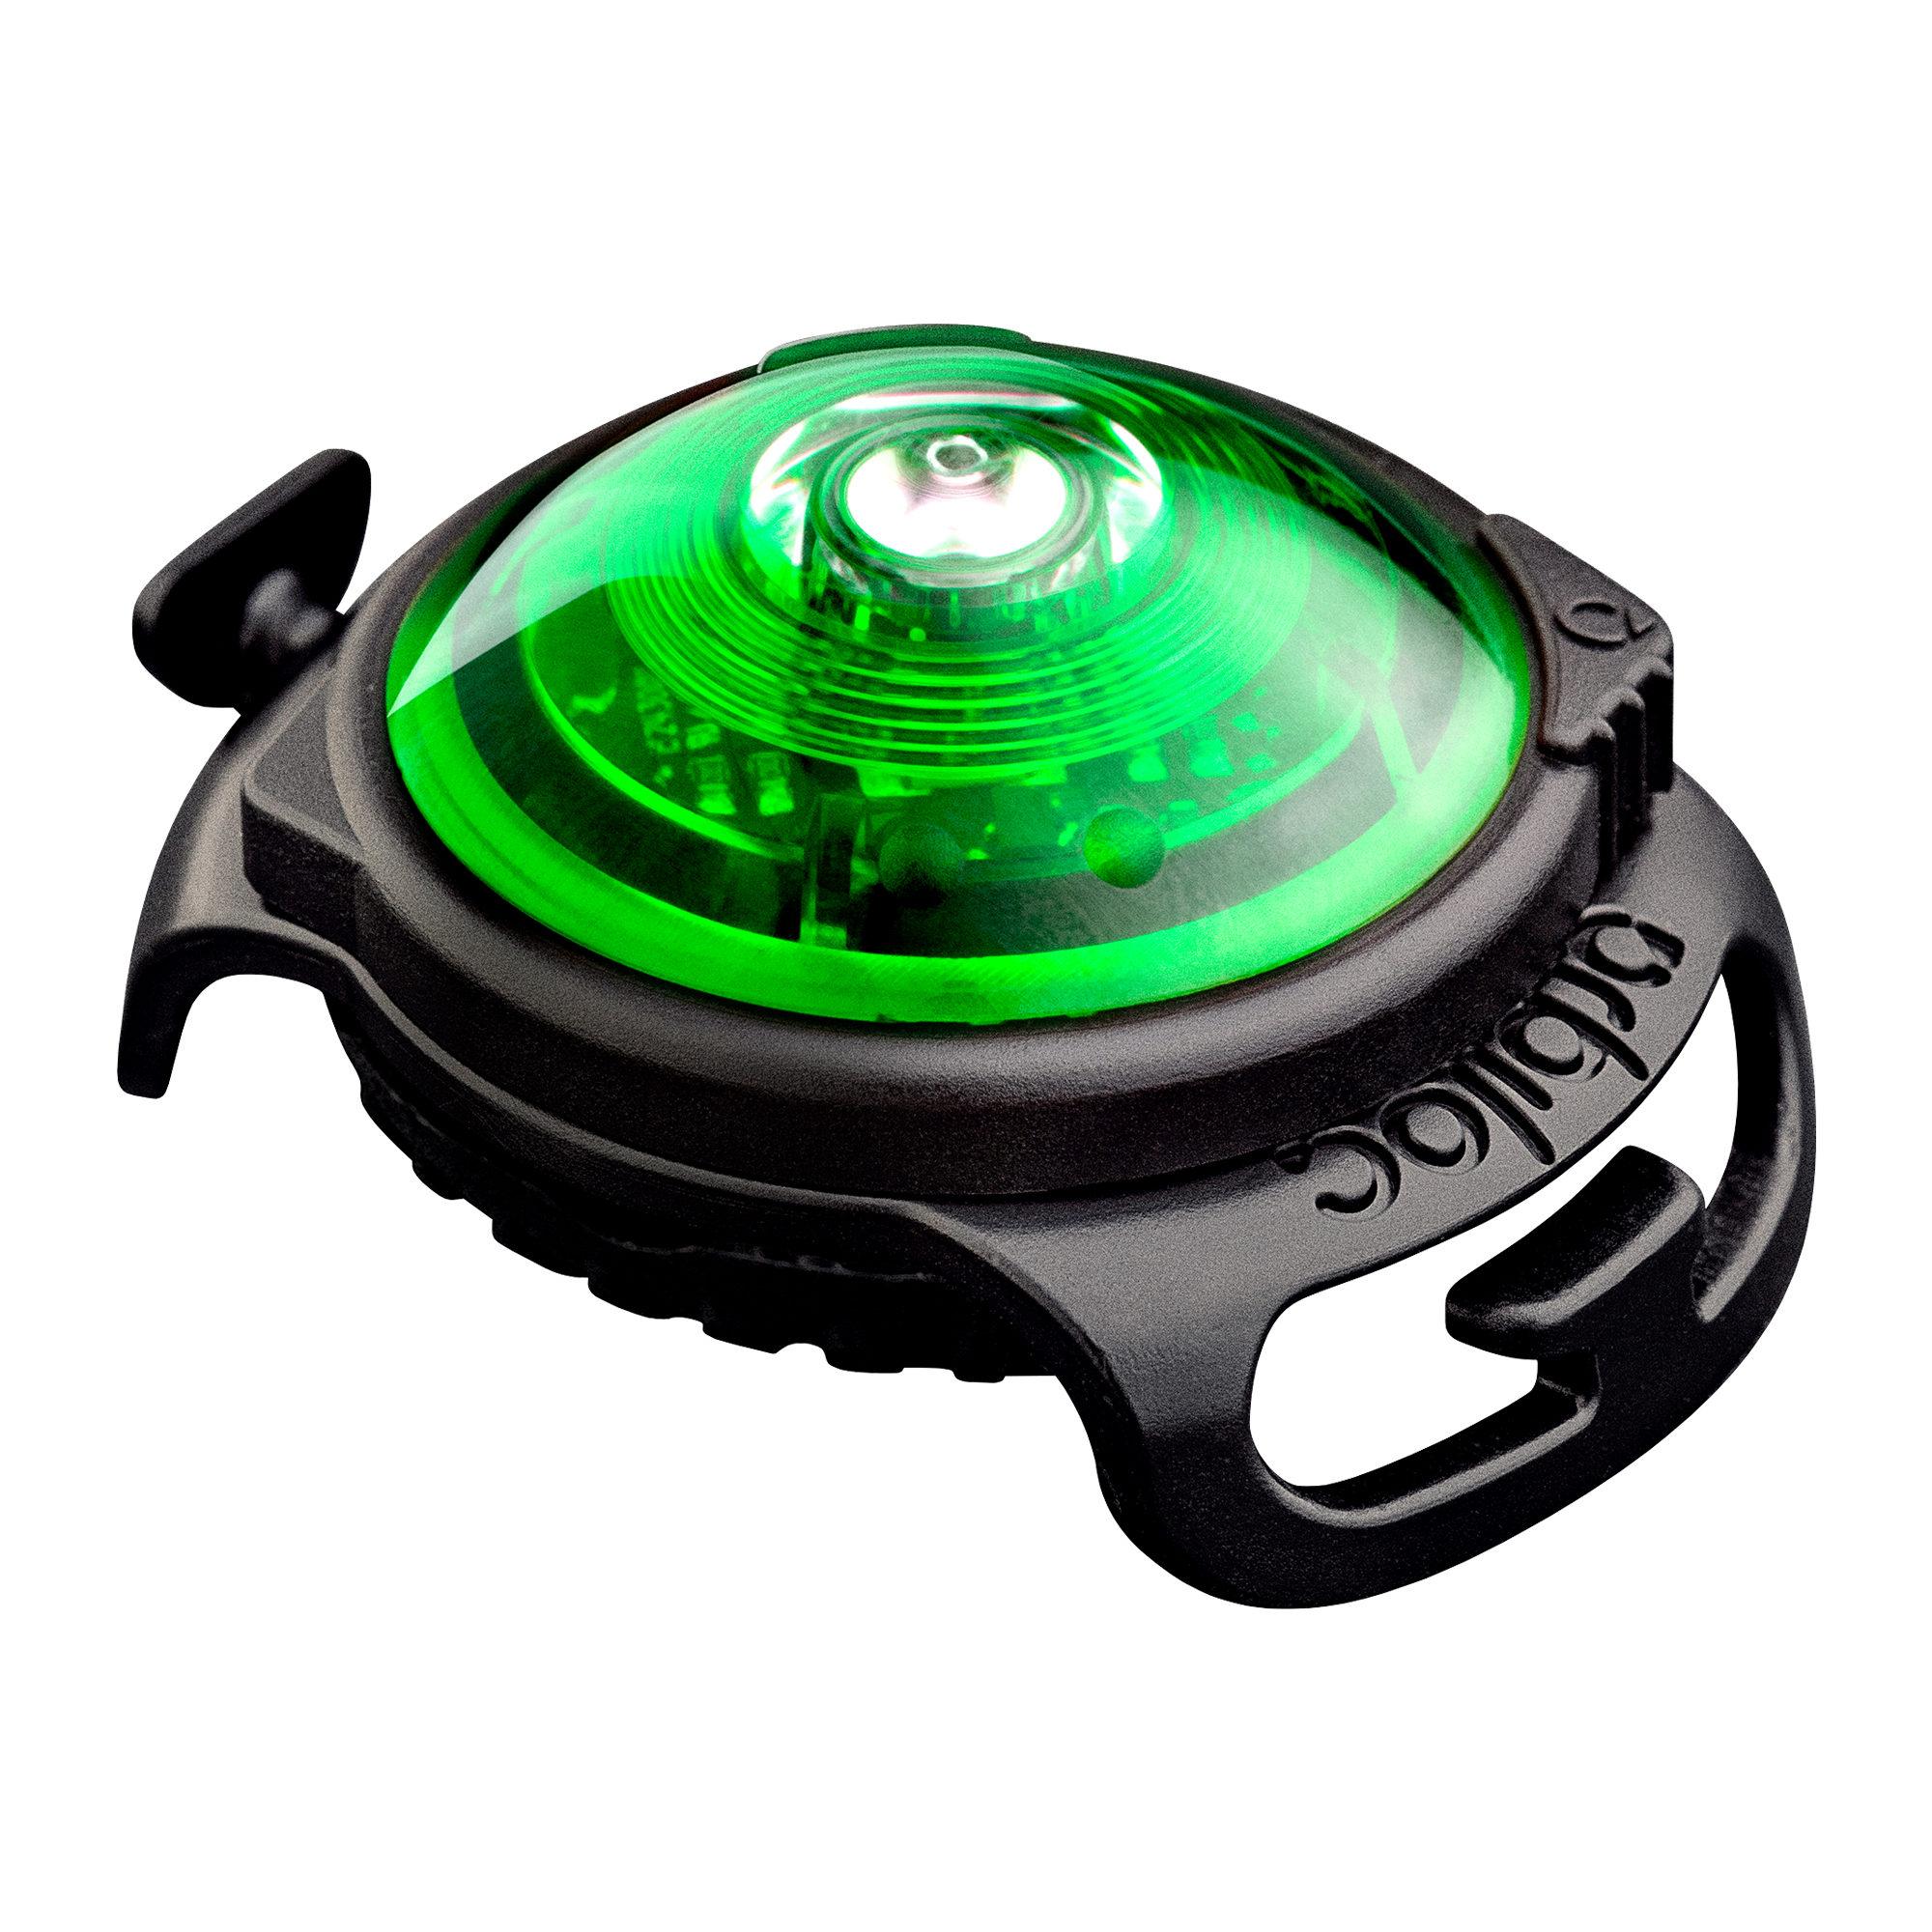 Orbiloc Dog Dual Safety Light - Vert